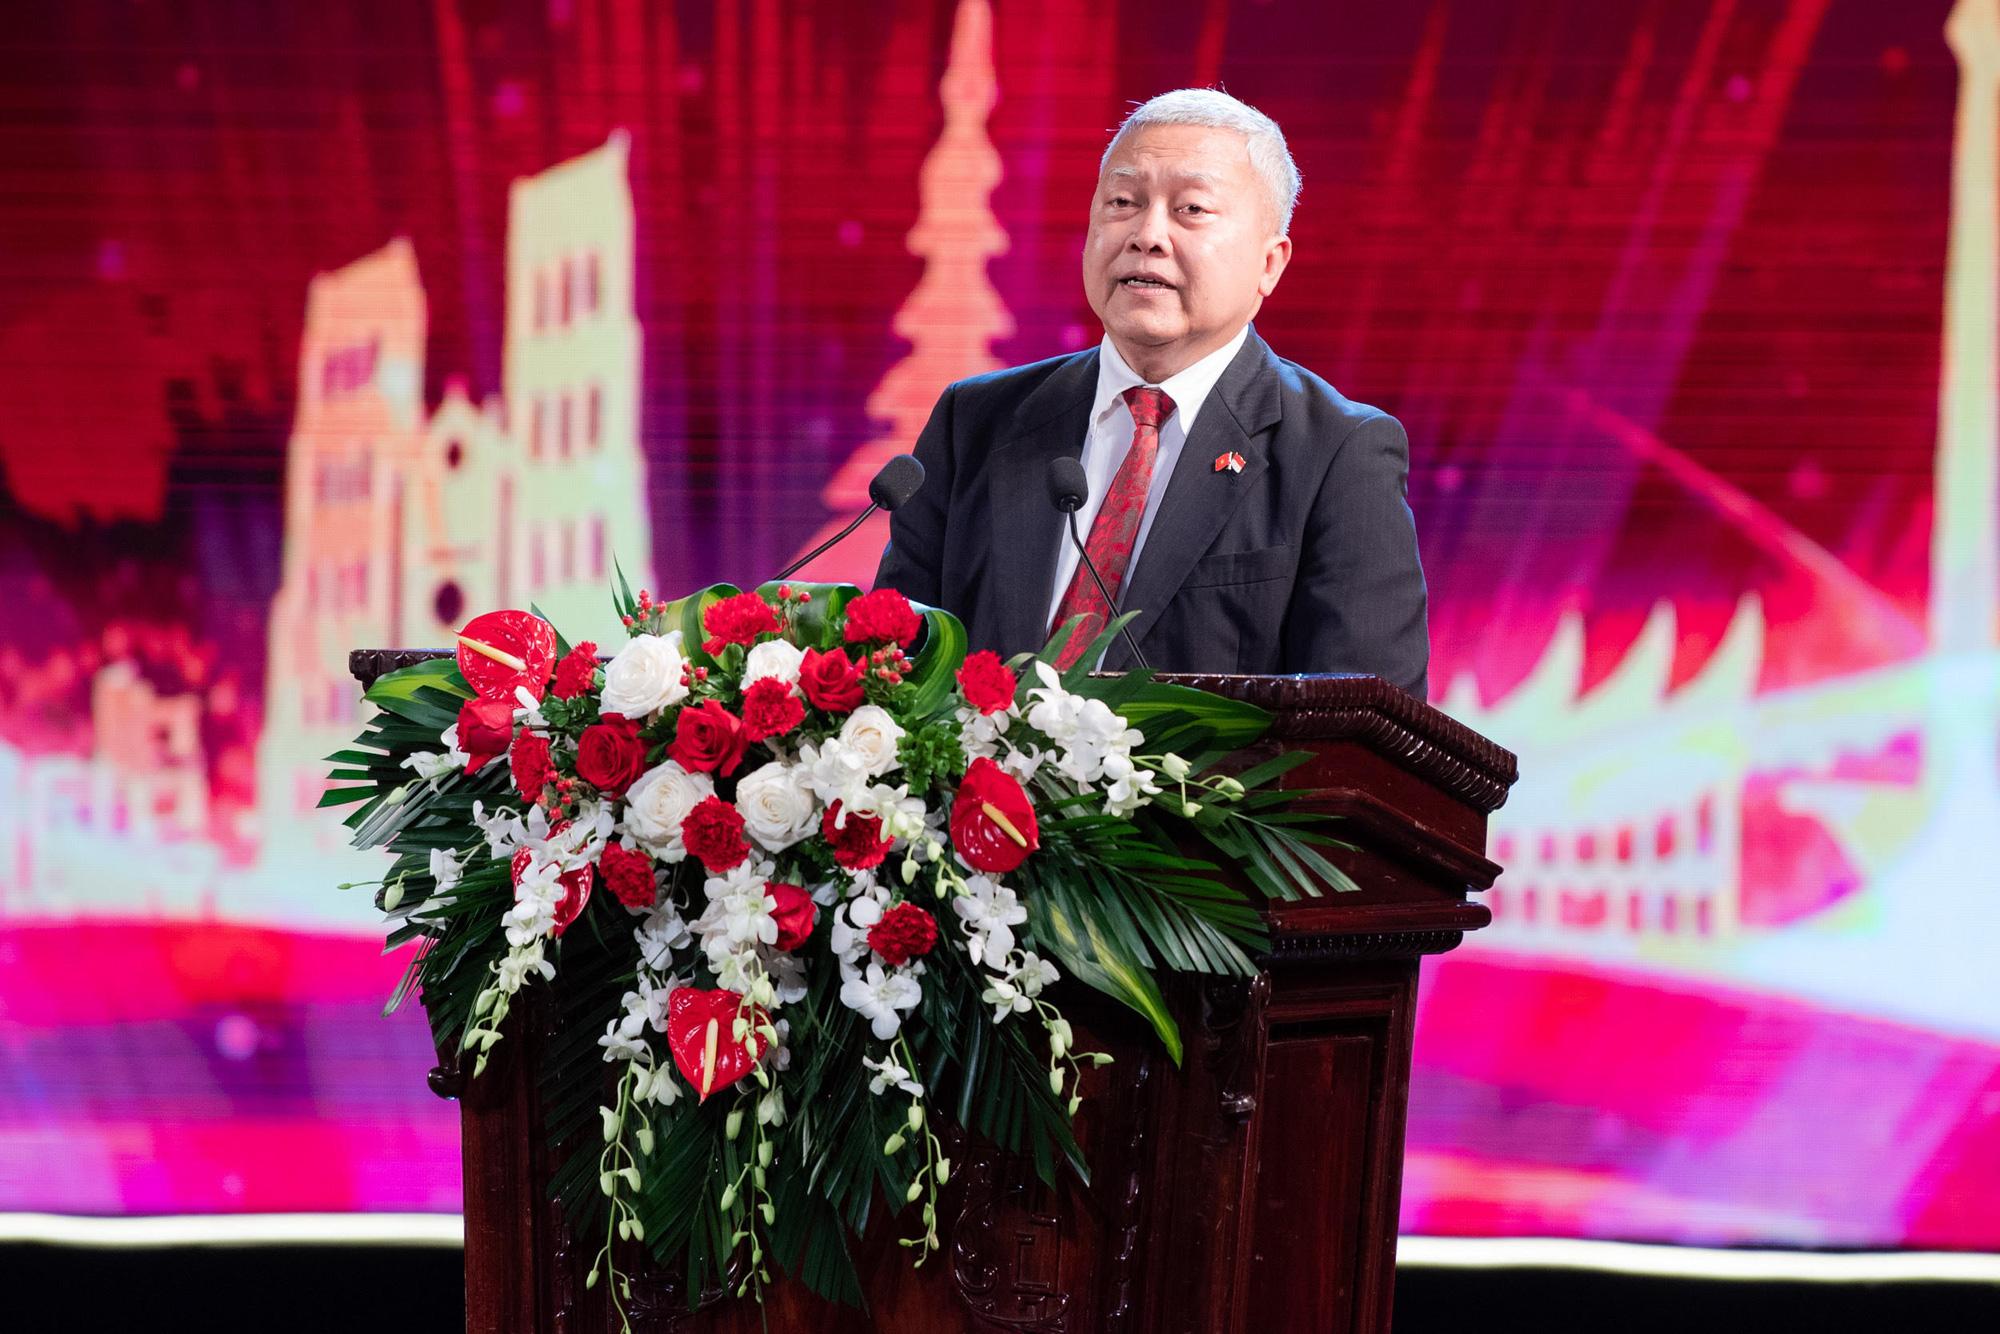 Đêm Hữu nghị Việt Nam - Indonesia - Ảnh 3.